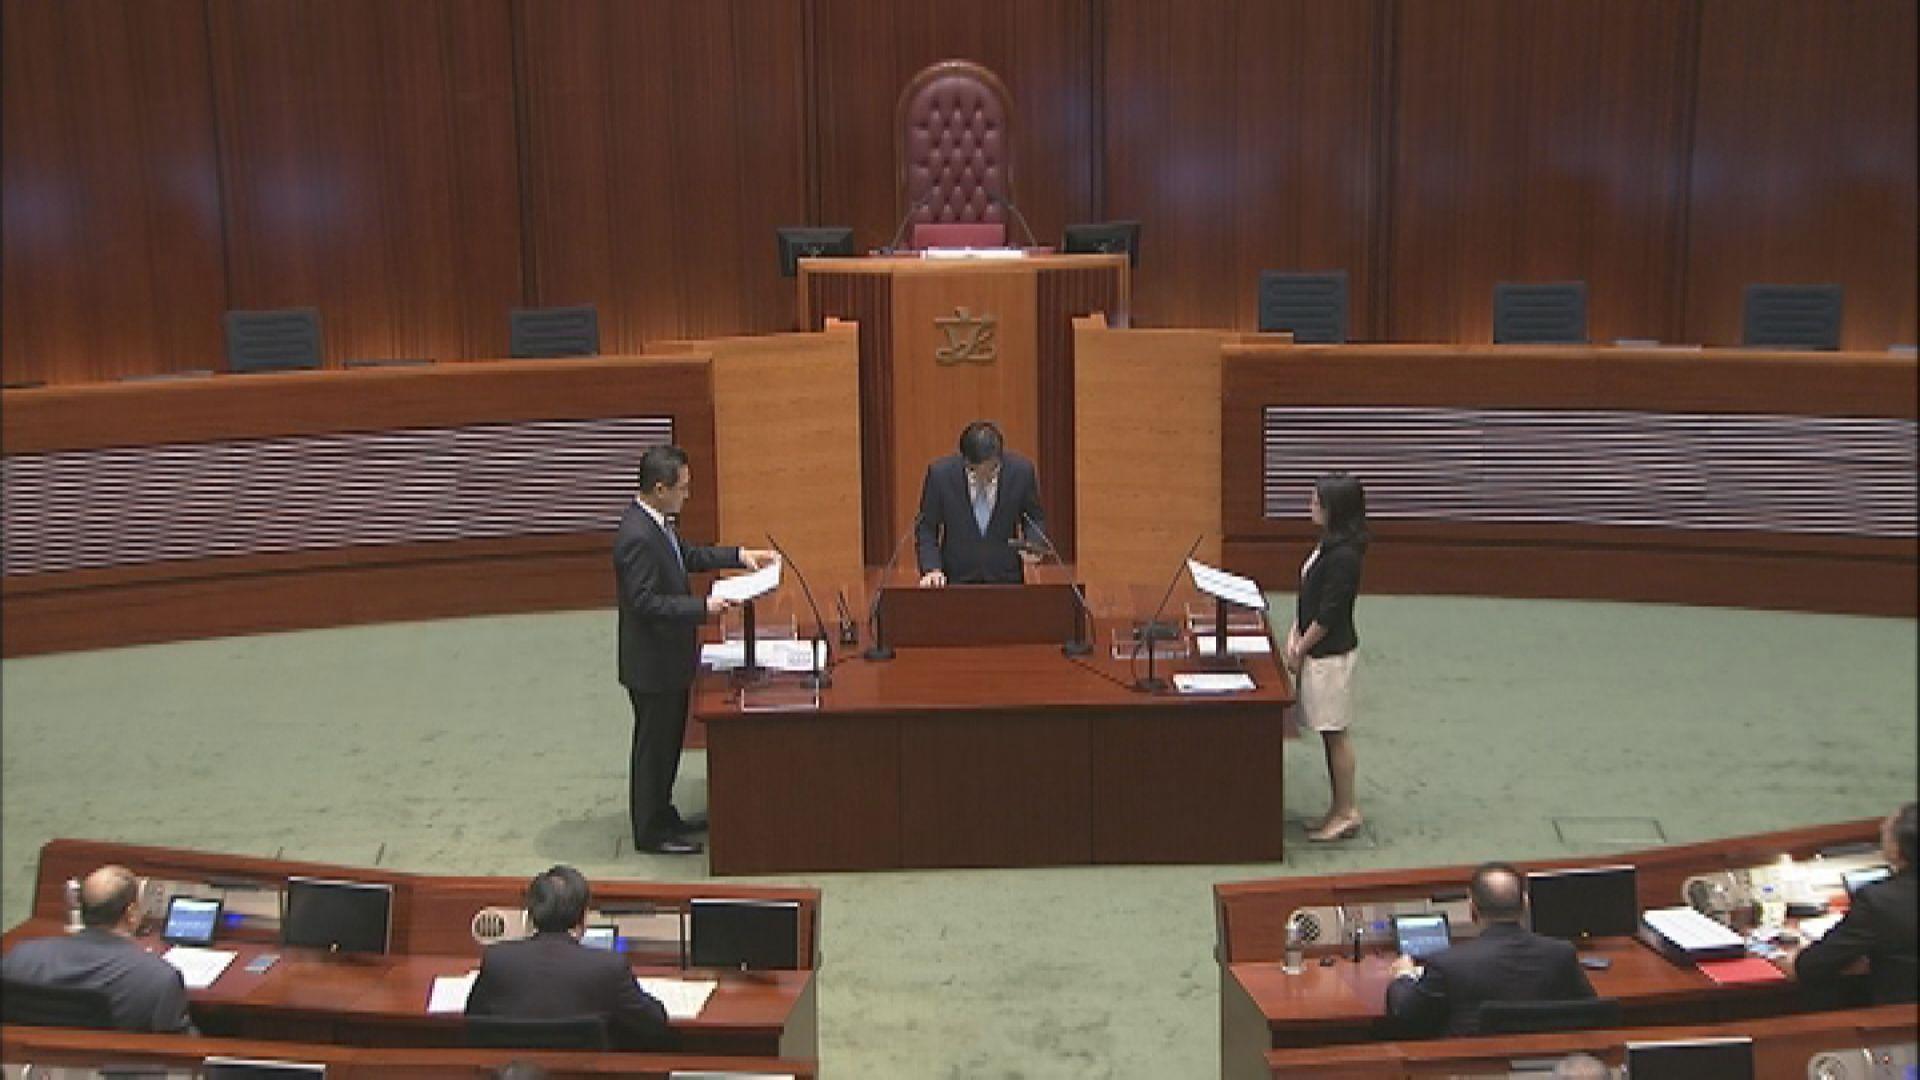 國歌法將規定立法會議員宣誓前奏國歌